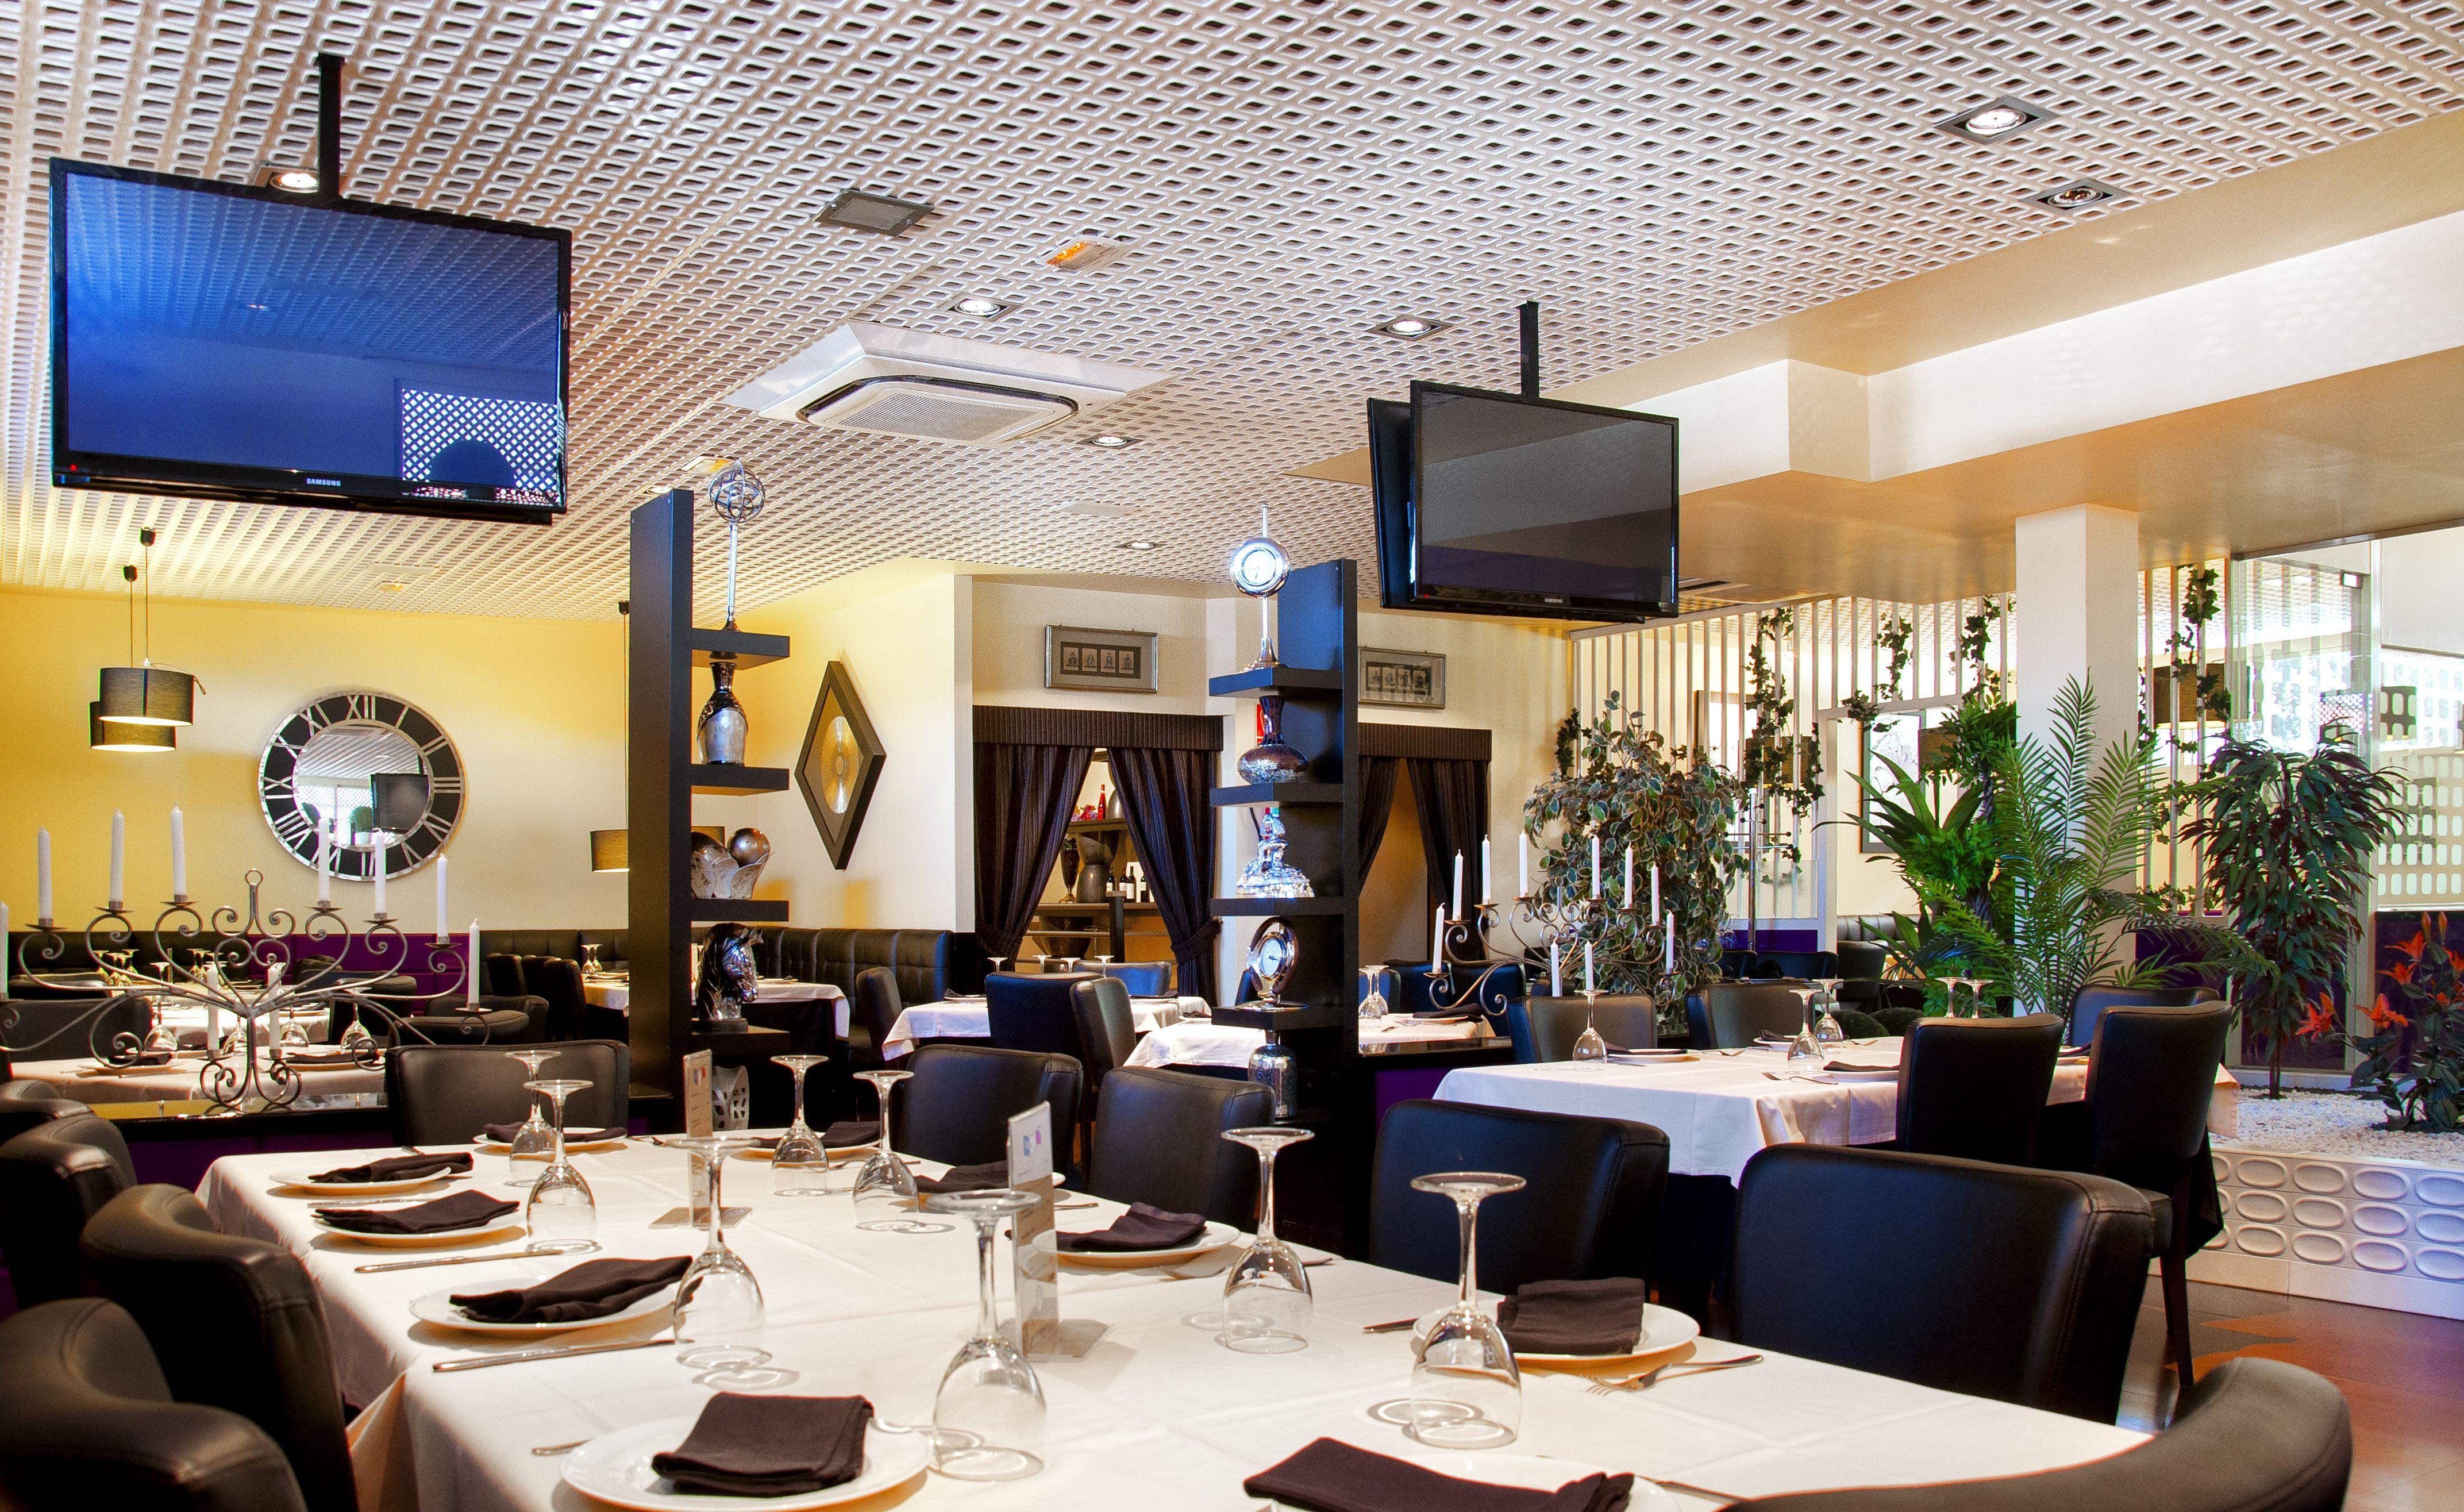 Foto 10 de Restaurante italiano en Collado Villalba | Restaurante Robertinos